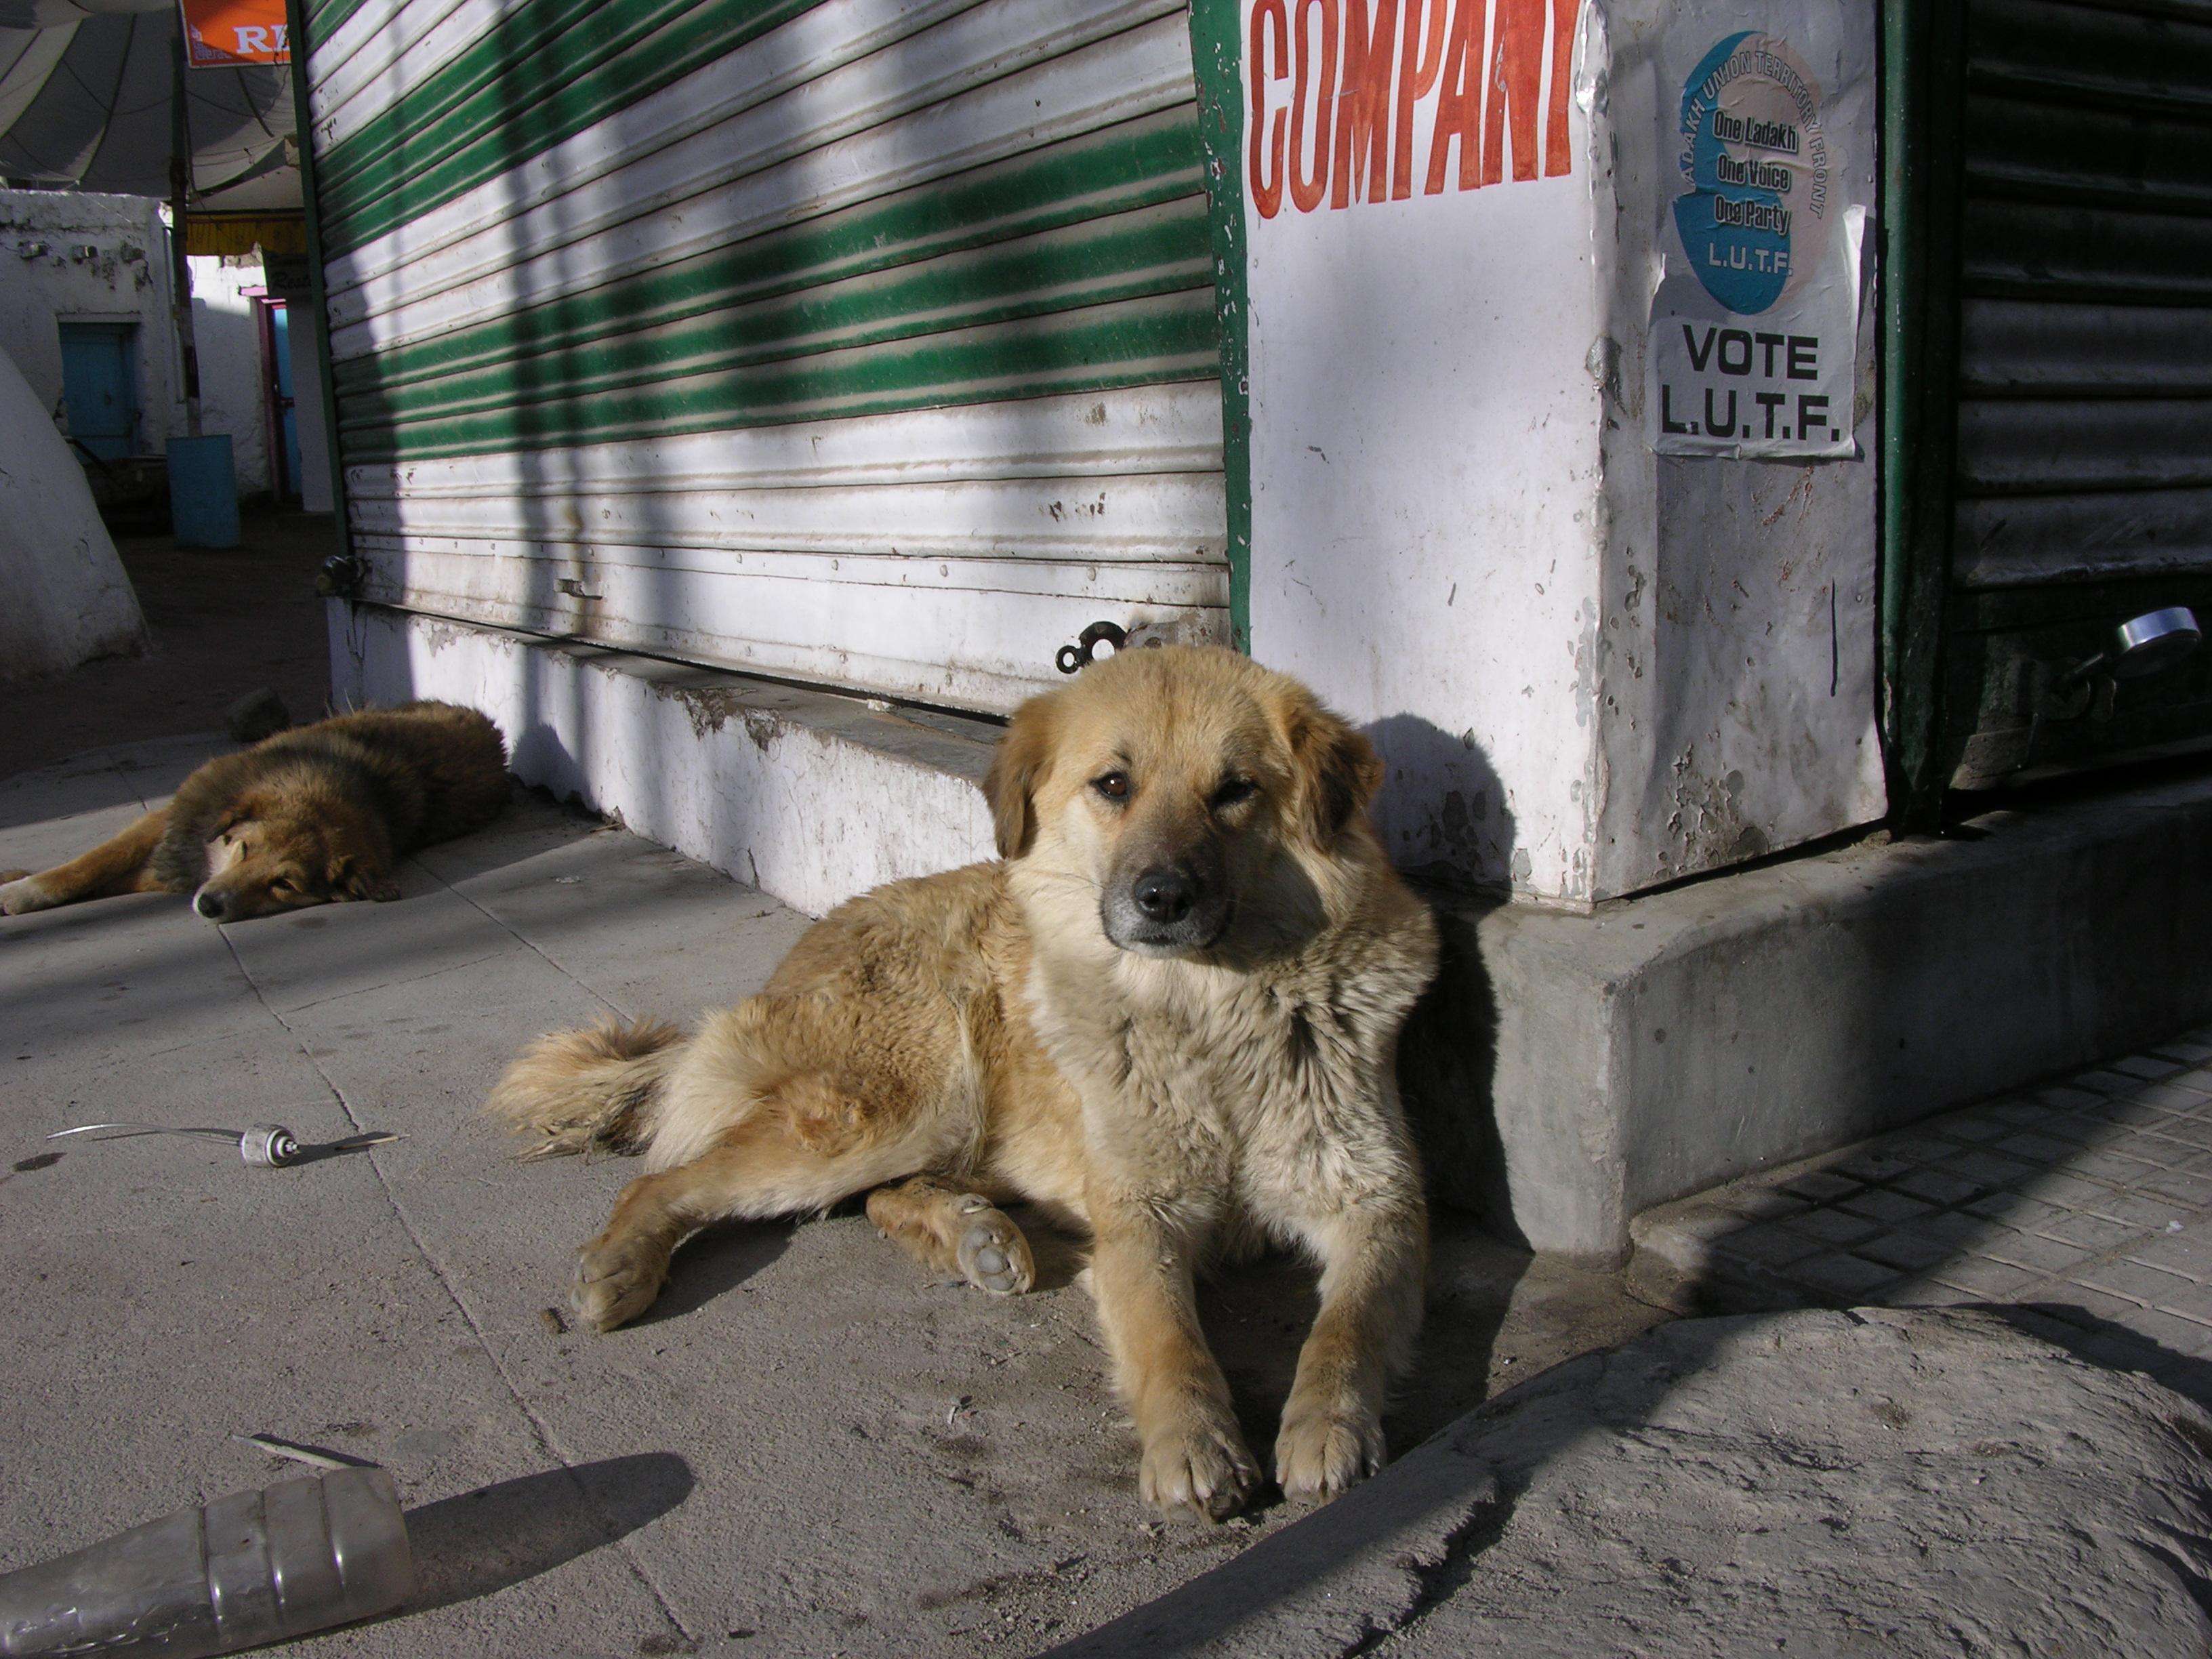 Hay competencia incluso por basura en el Trans-Himalaya. Los perros salvajes suelen hurgar en los mismos basureros que los zorros rojos, lo que provoca conflictos entre las dos especies. Los perros que son más grandes y se mueven en manadas pueden causar daños graves a los zorros rojos más pequeños y solitarios. Foto de htsh_kkch a través de Flickr (CC BY-NC-ND 2.0)